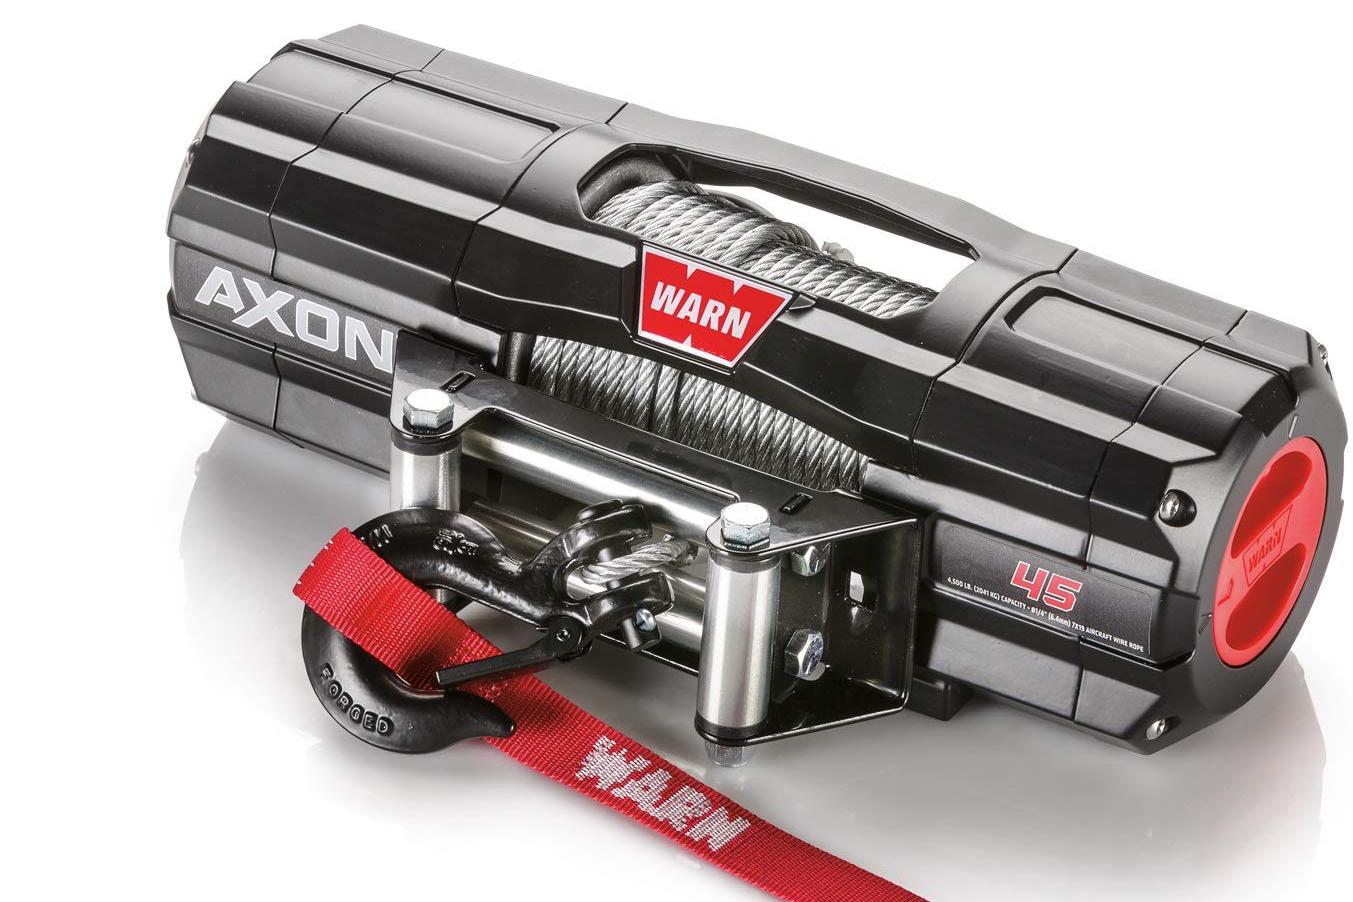 Warn Axon Winch: